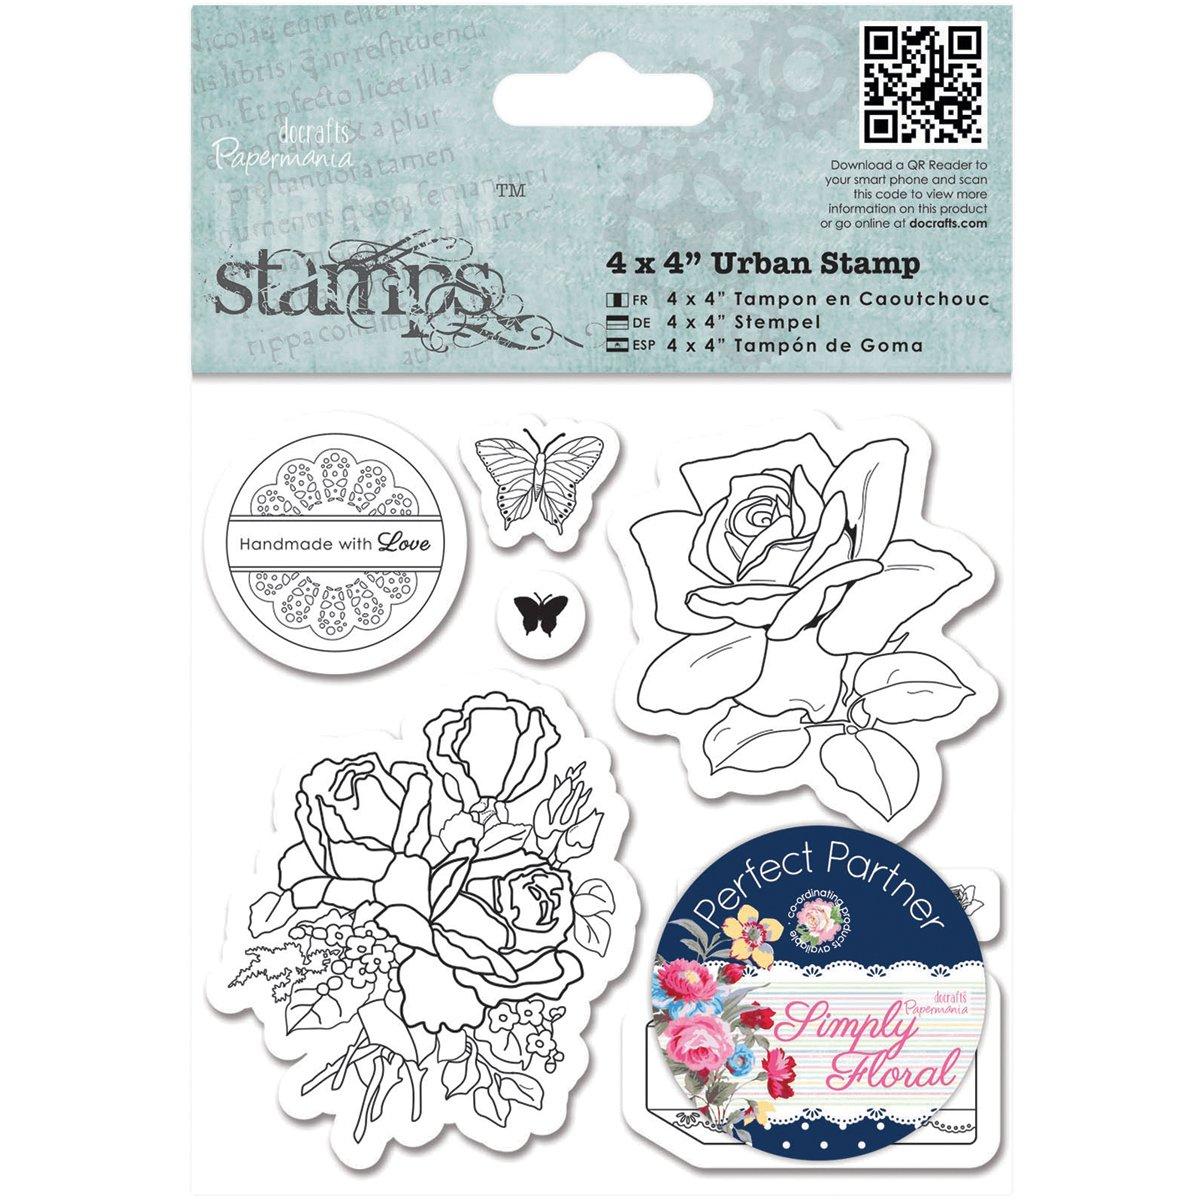 【驚きの値段】 docrafts Papermania by Simply Floral Urban Stamps, Stamps, Birthday 4 x 4, Birthday Rose by DOCrafts B00RVYHW2M, 木古内町:5637aad8 --- mvd.ee